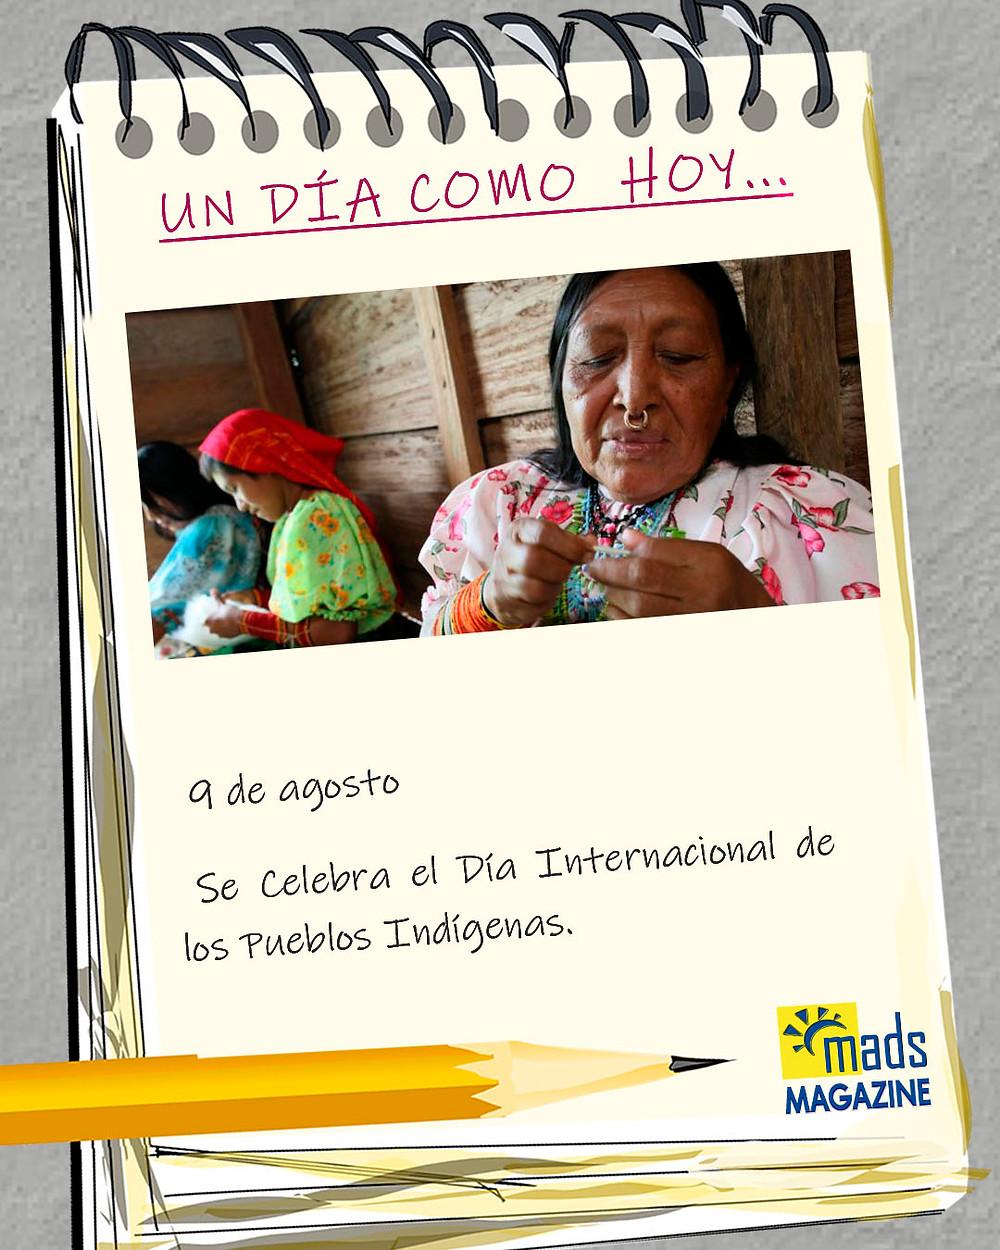 El 9 de agosto se celebra el Día Internacional de los Pueblos Indígenas